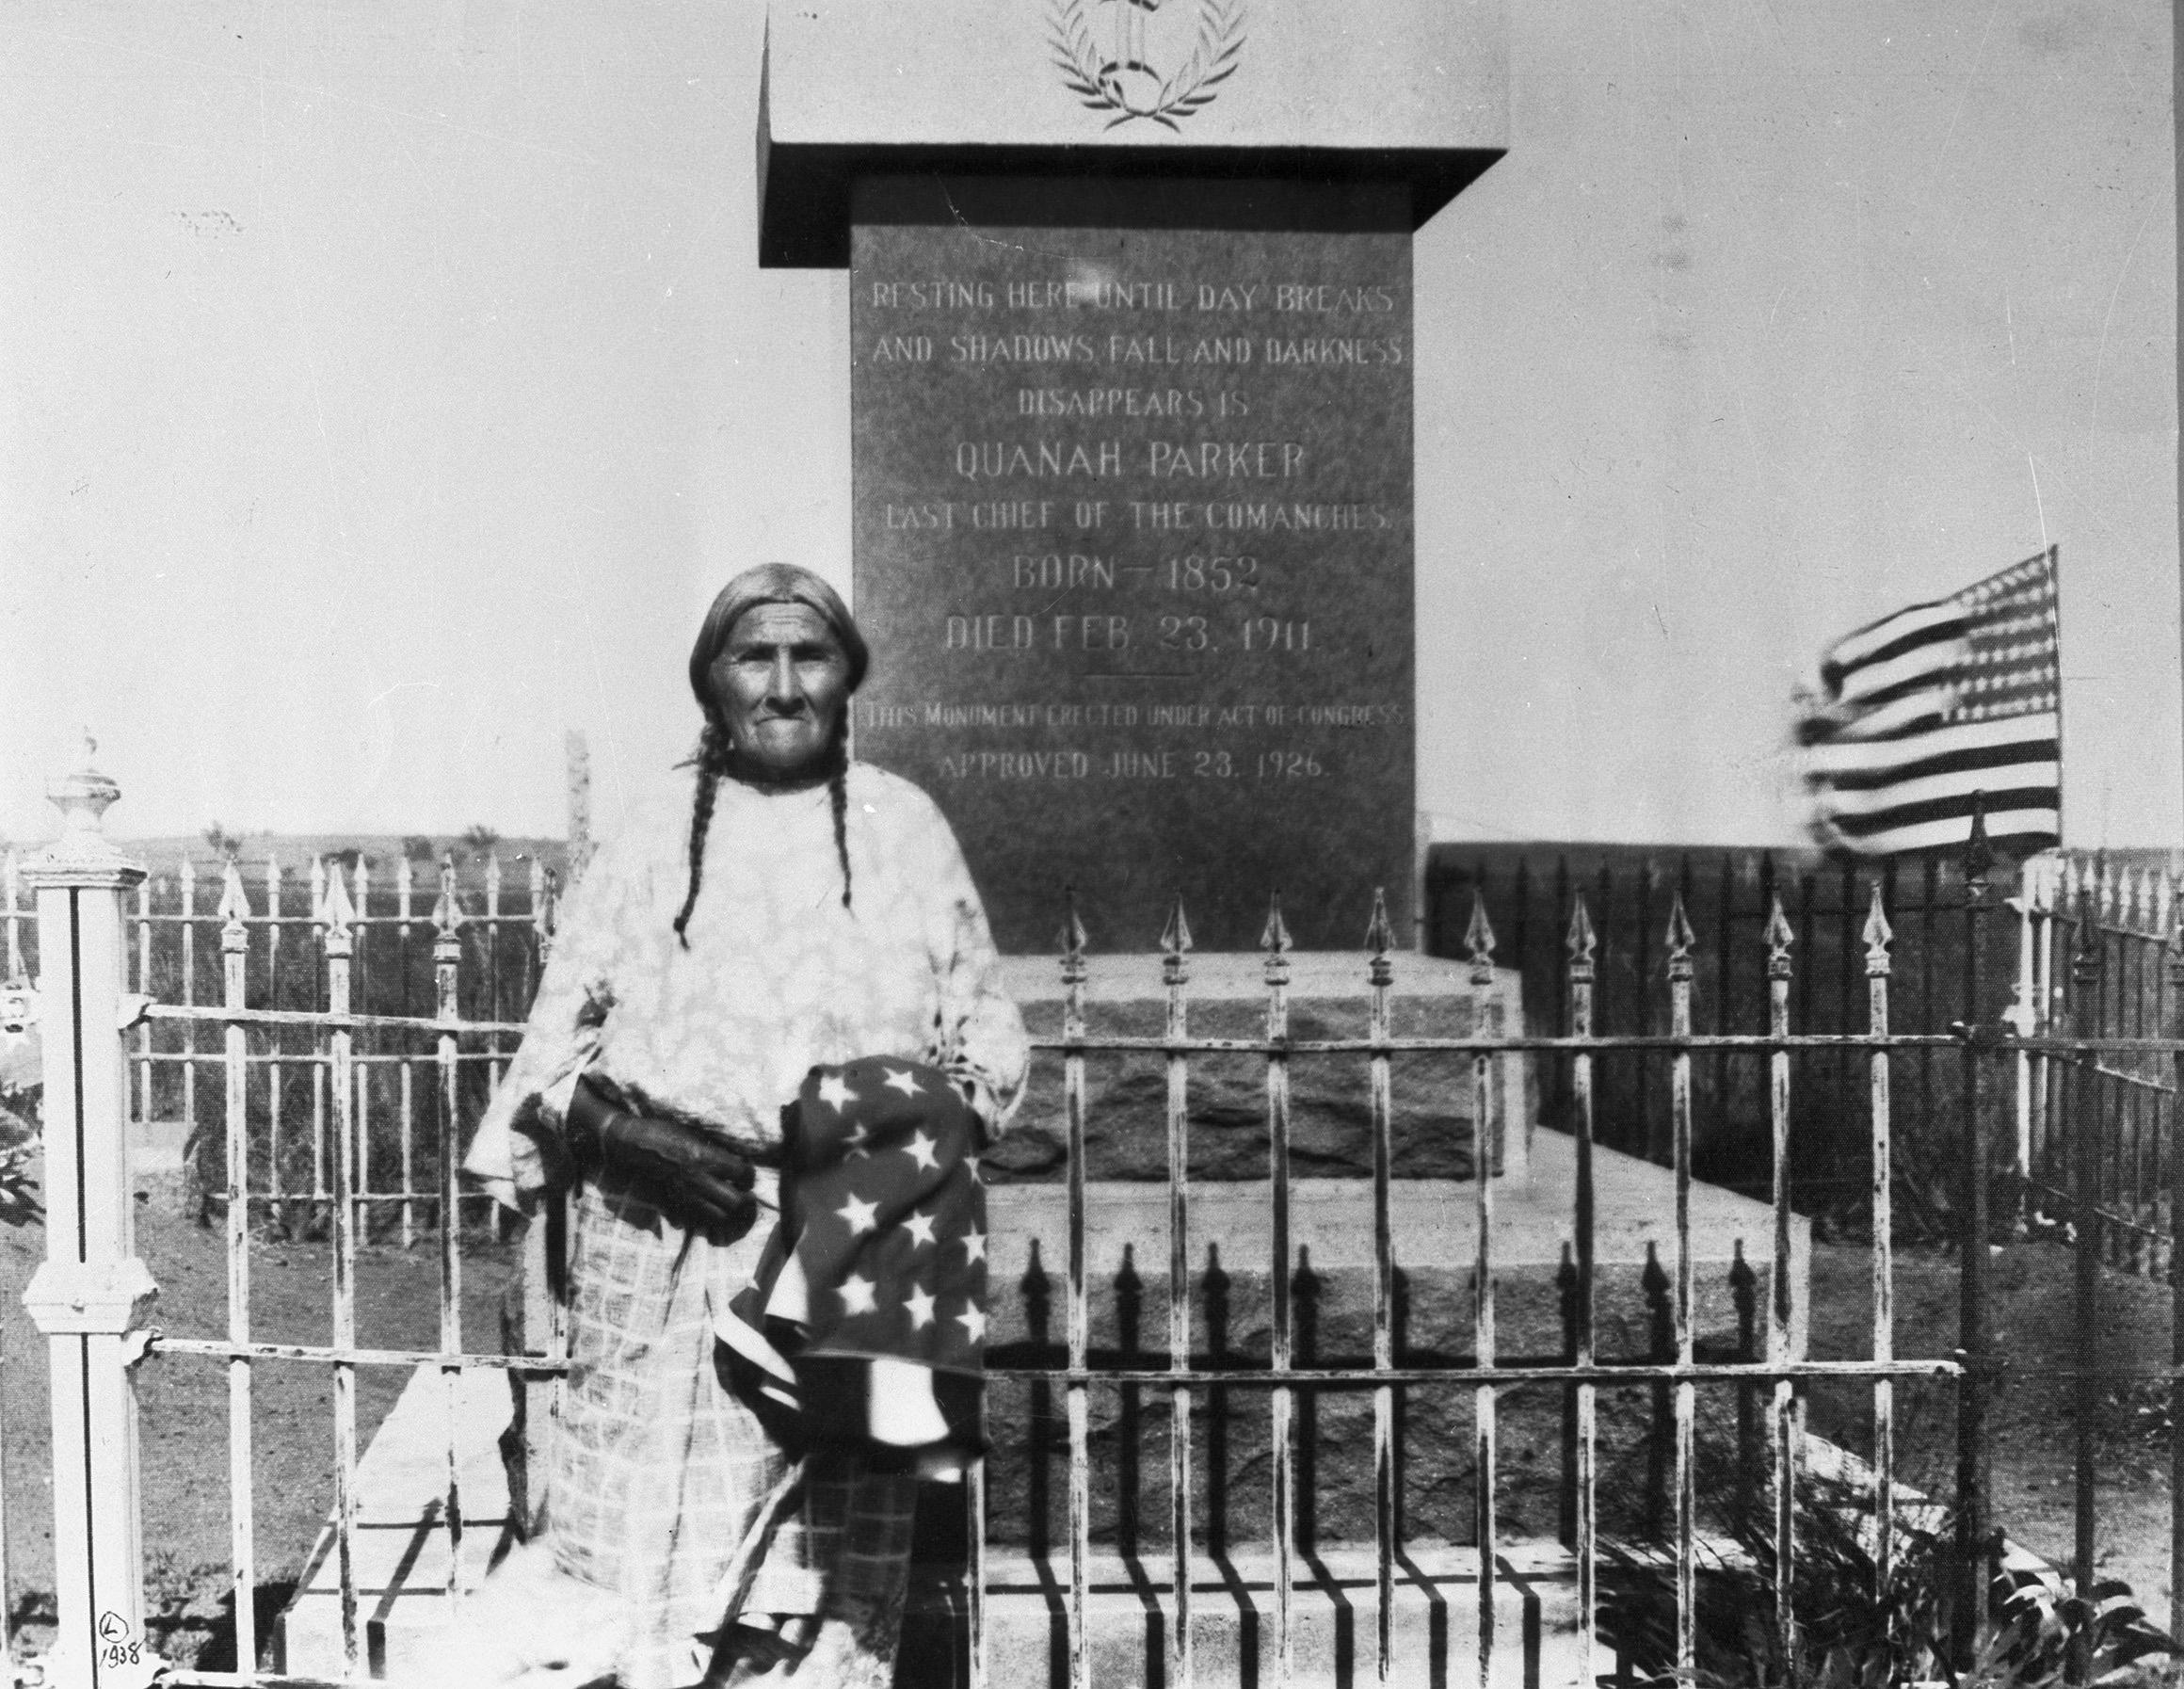 Quanah Parker Grave